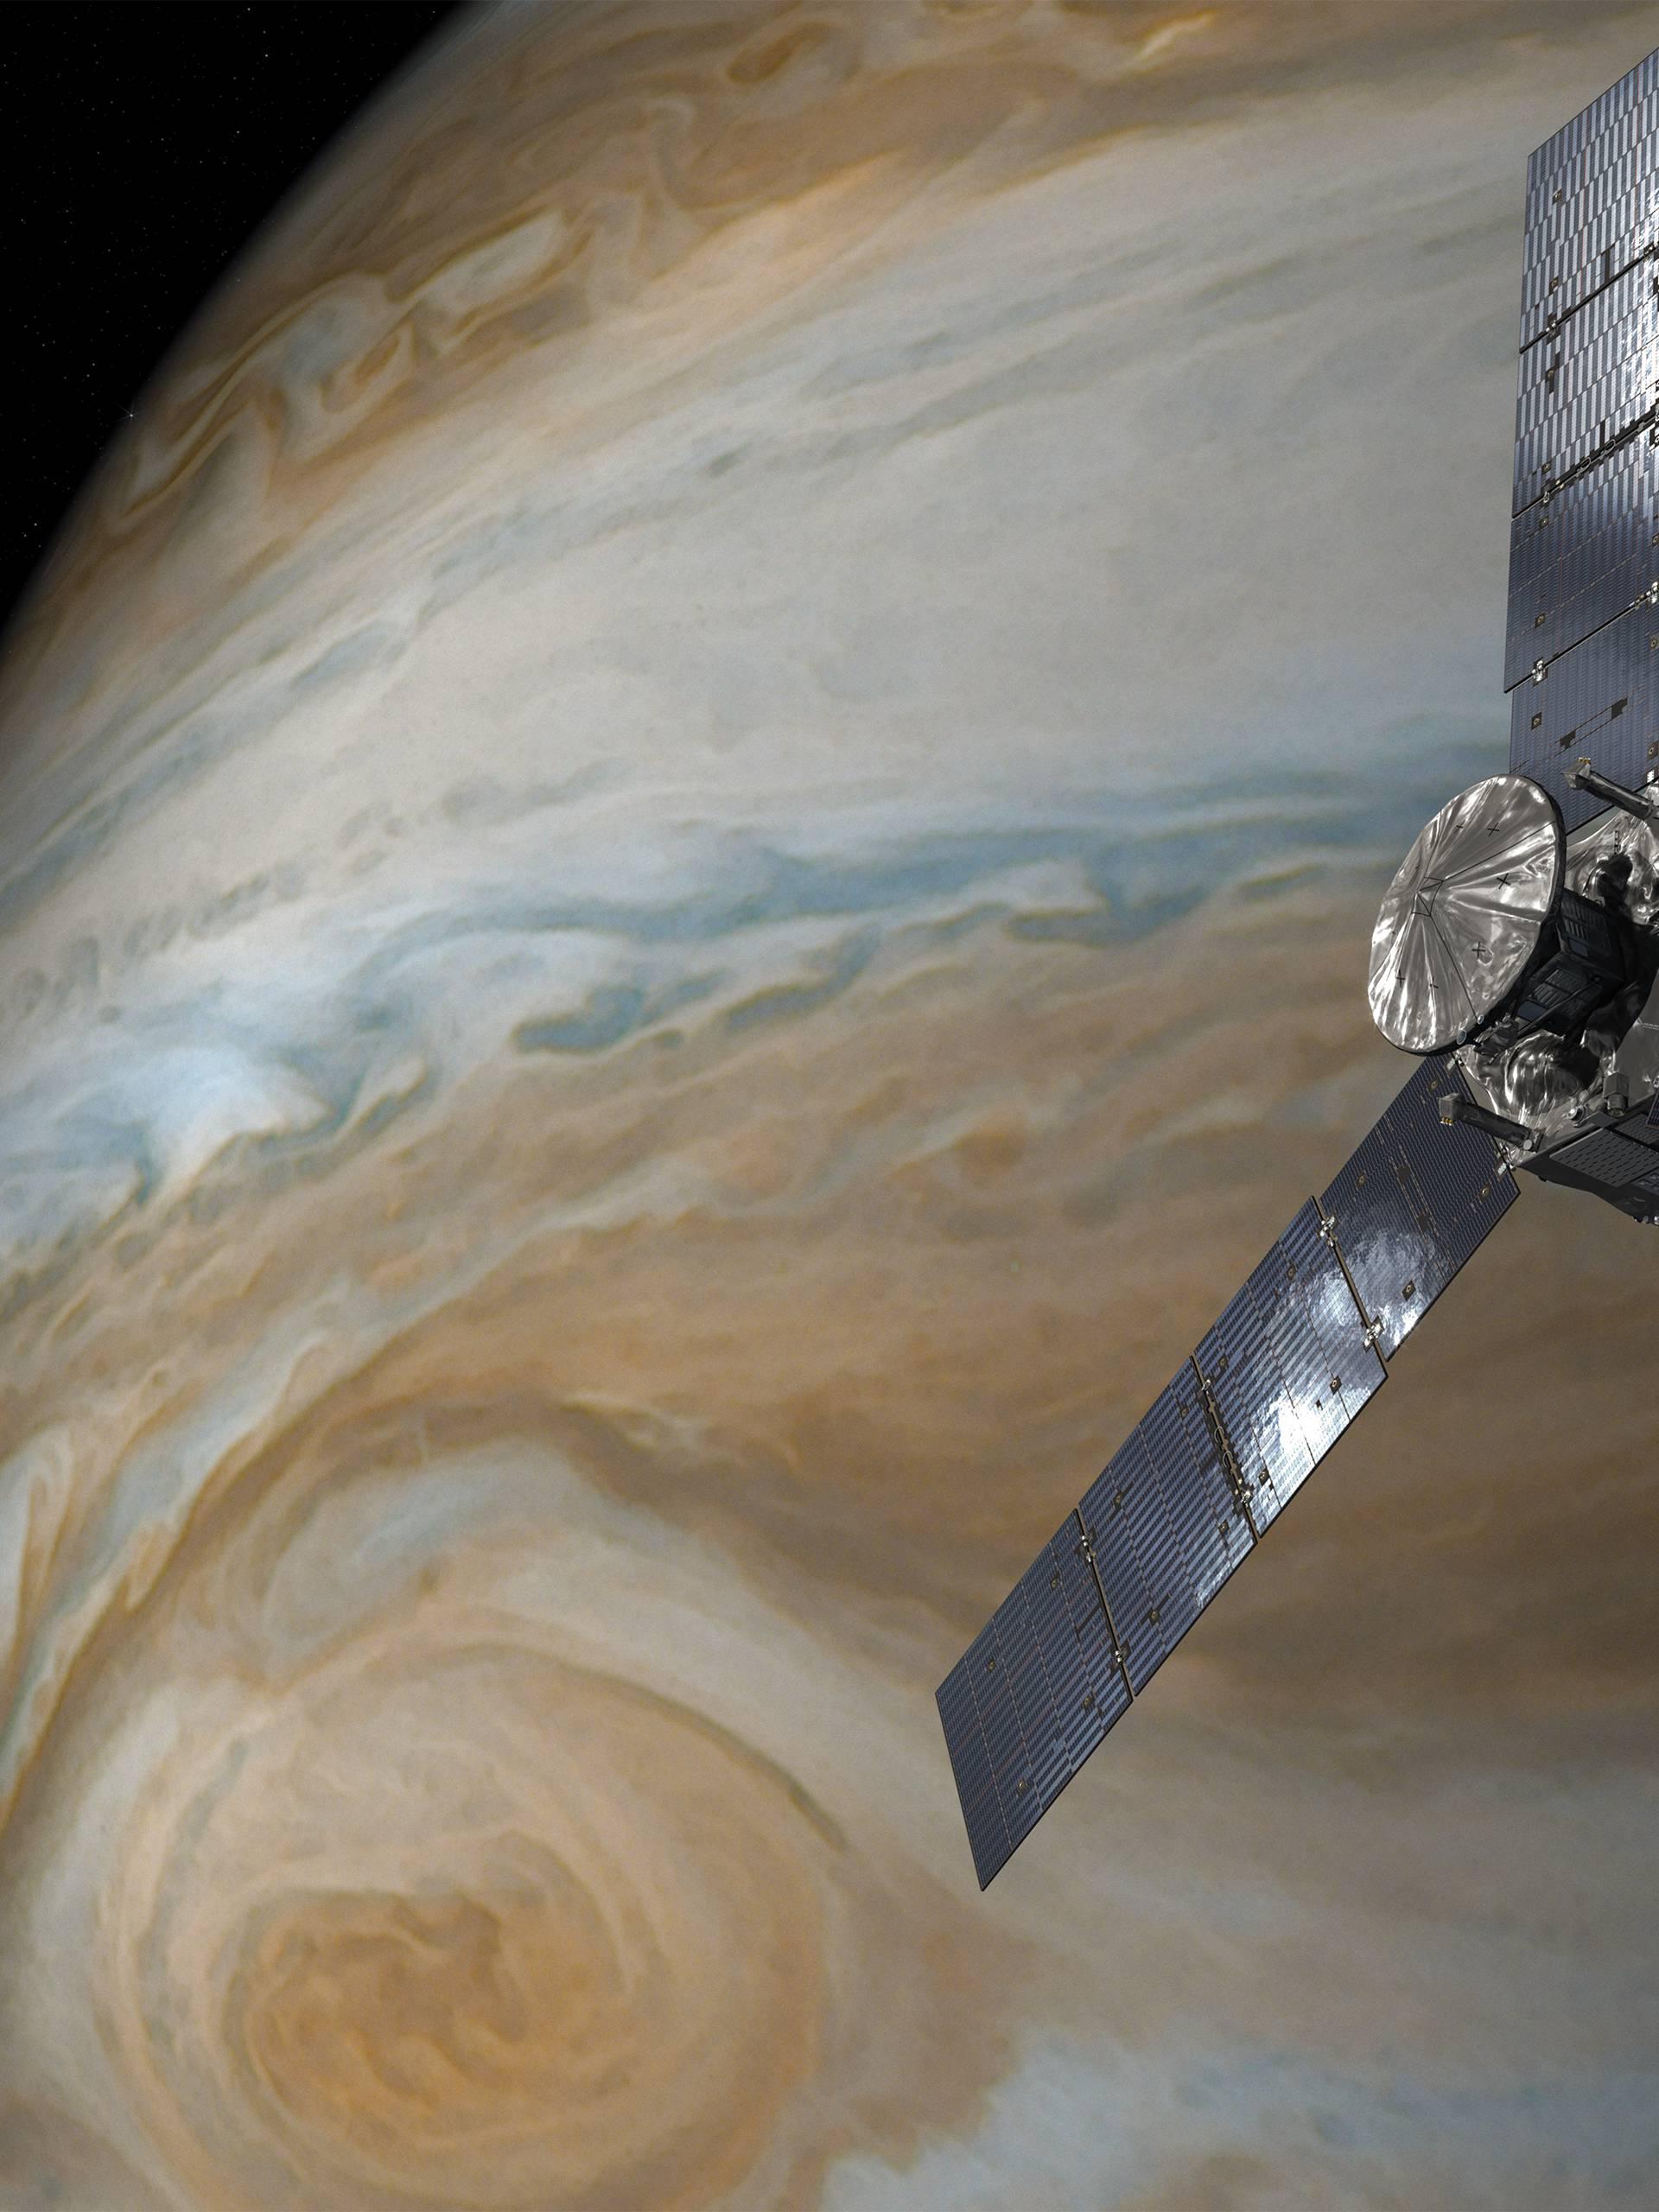 Ne znaju što ju pokreće: Juno šalje fotke oluje veće od Zemlje